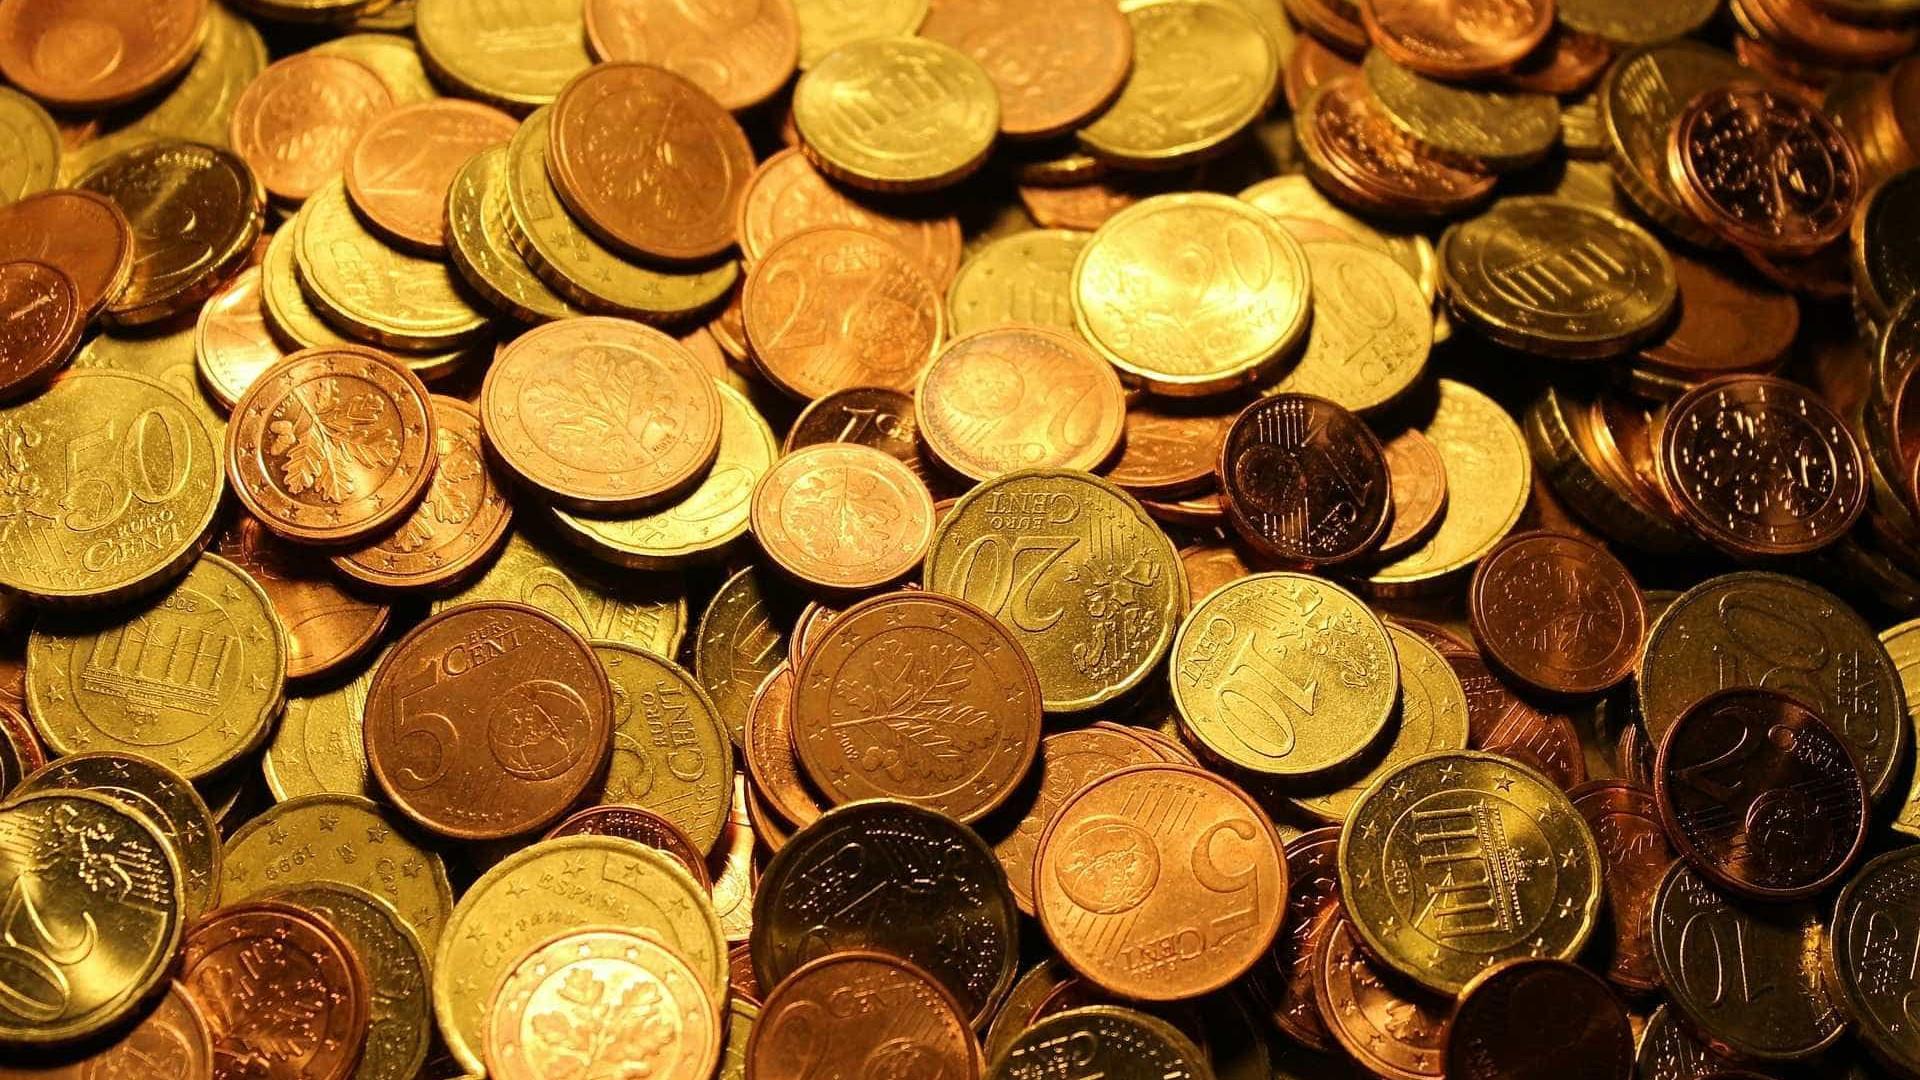 Euro recua ligeiramente depois de ter ultrapassado 1,13 dólares